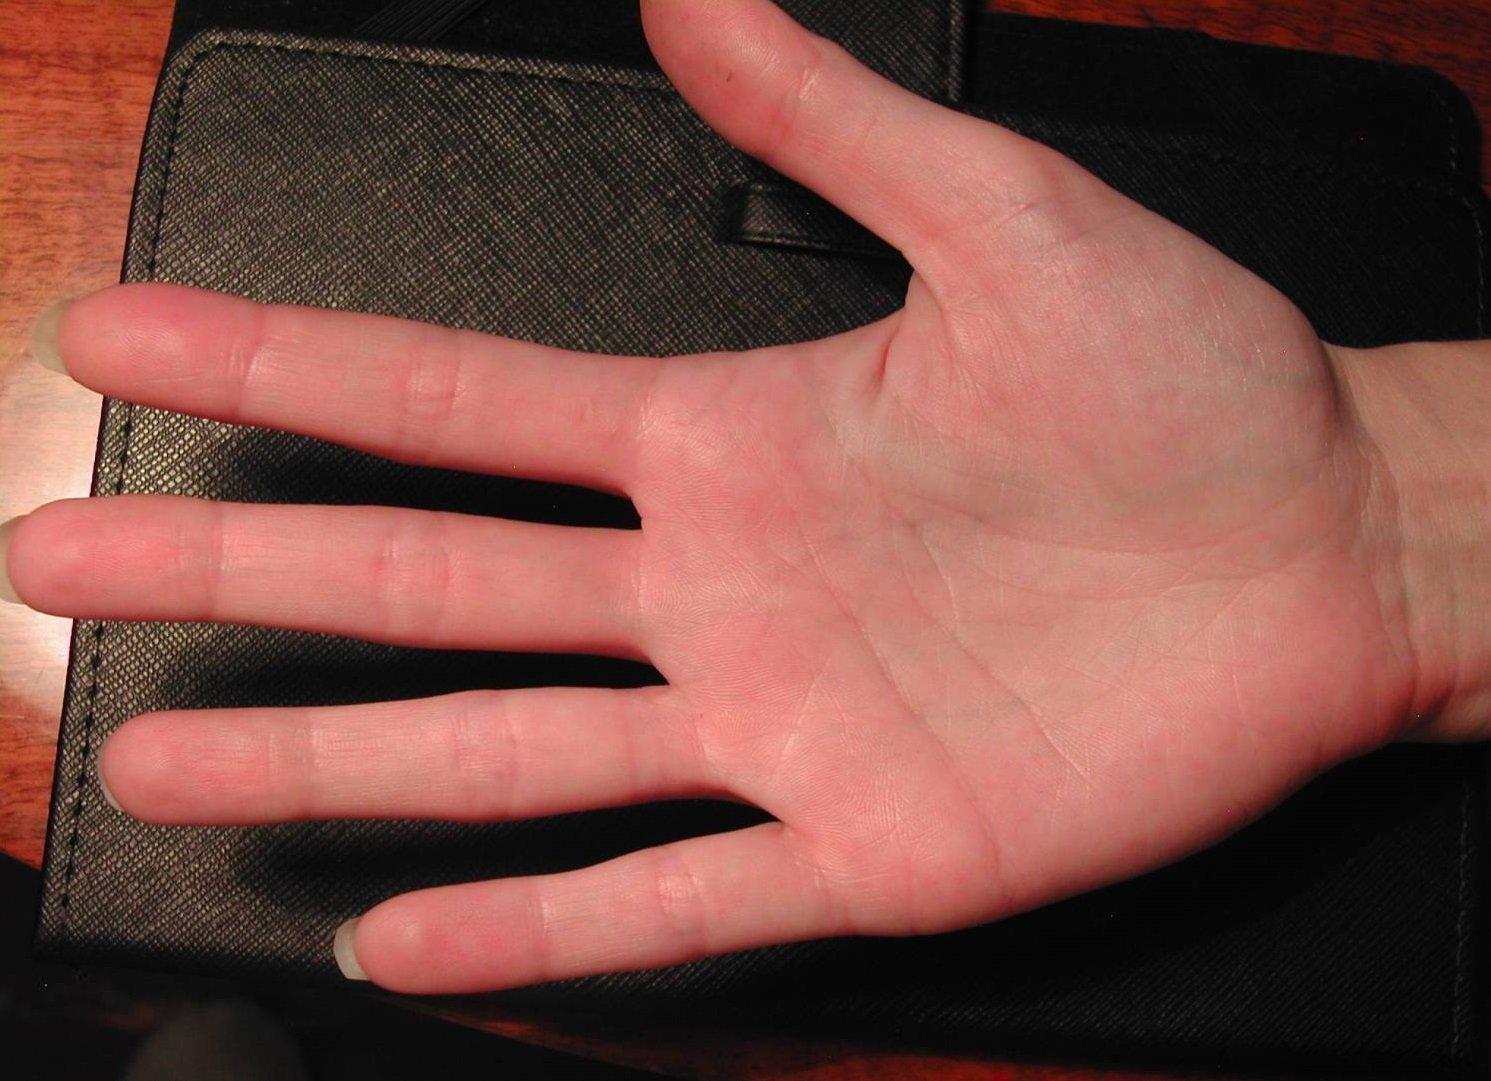 Хиромантия: линия жизни на руке (фото с расшифровкой)